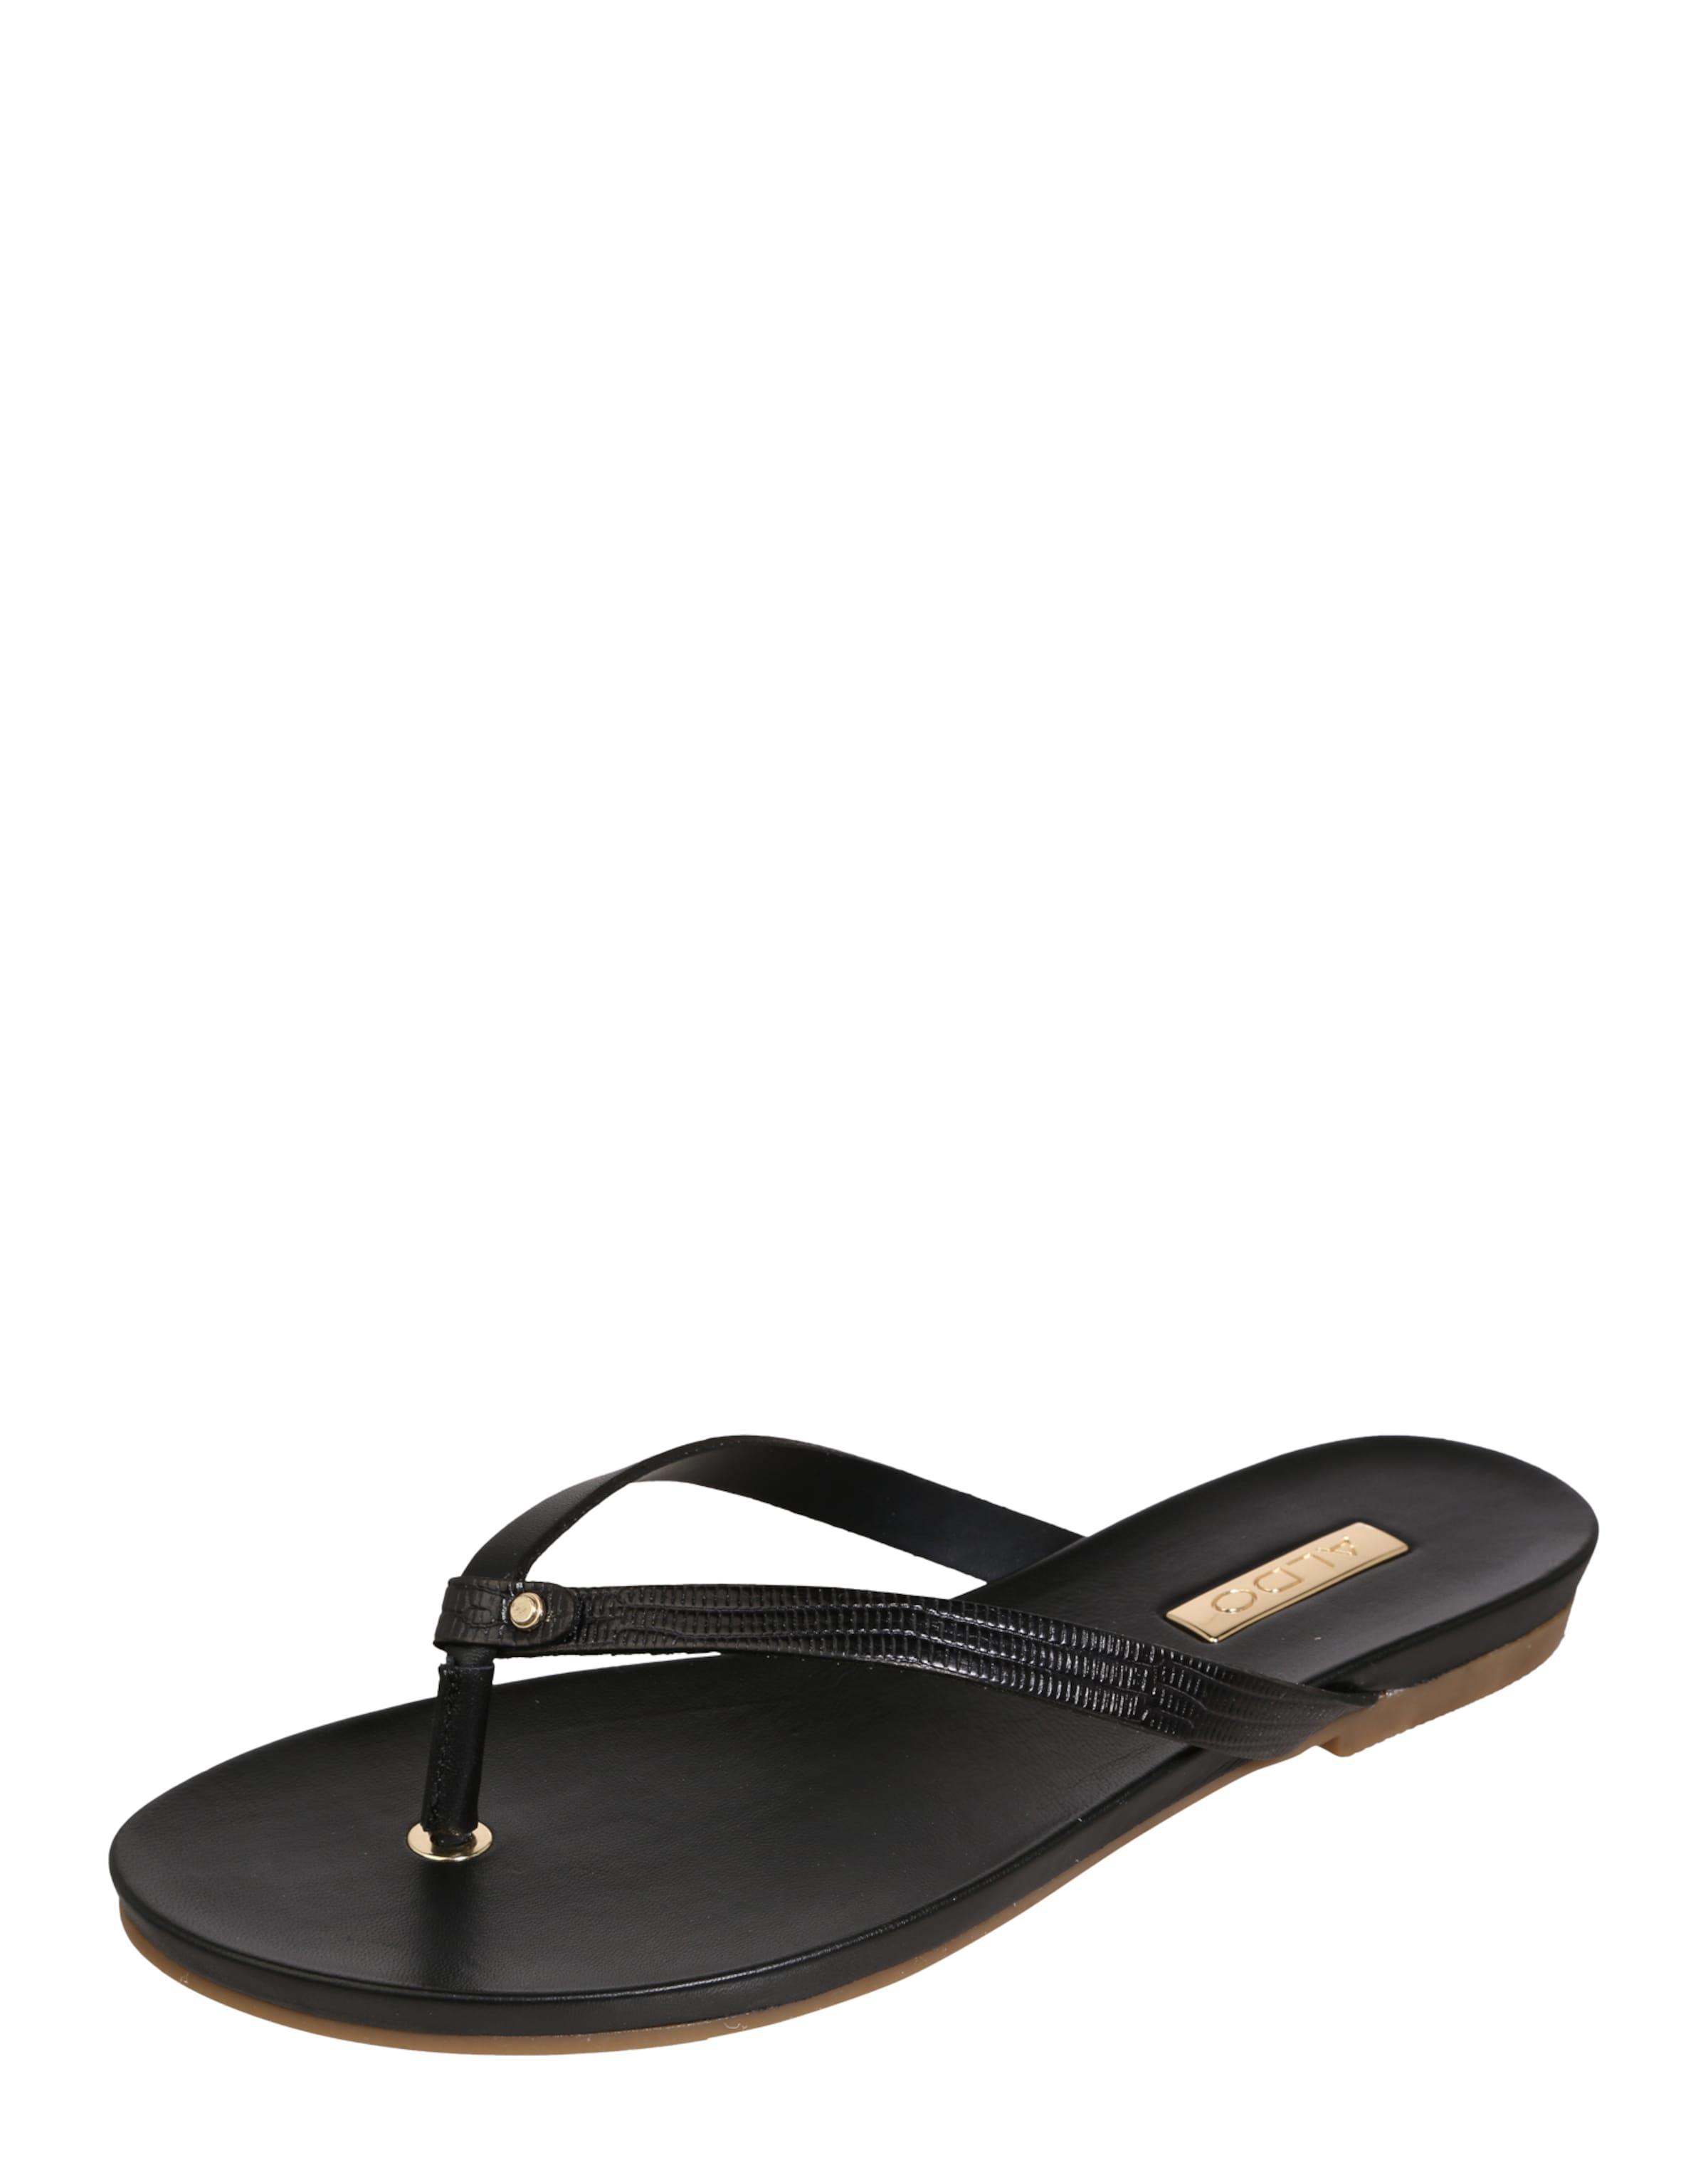 Haltbare Mode billige Schuhe ALDO | Zehentrenner 'Tricia' Schuhe Gut getragene Schuhe